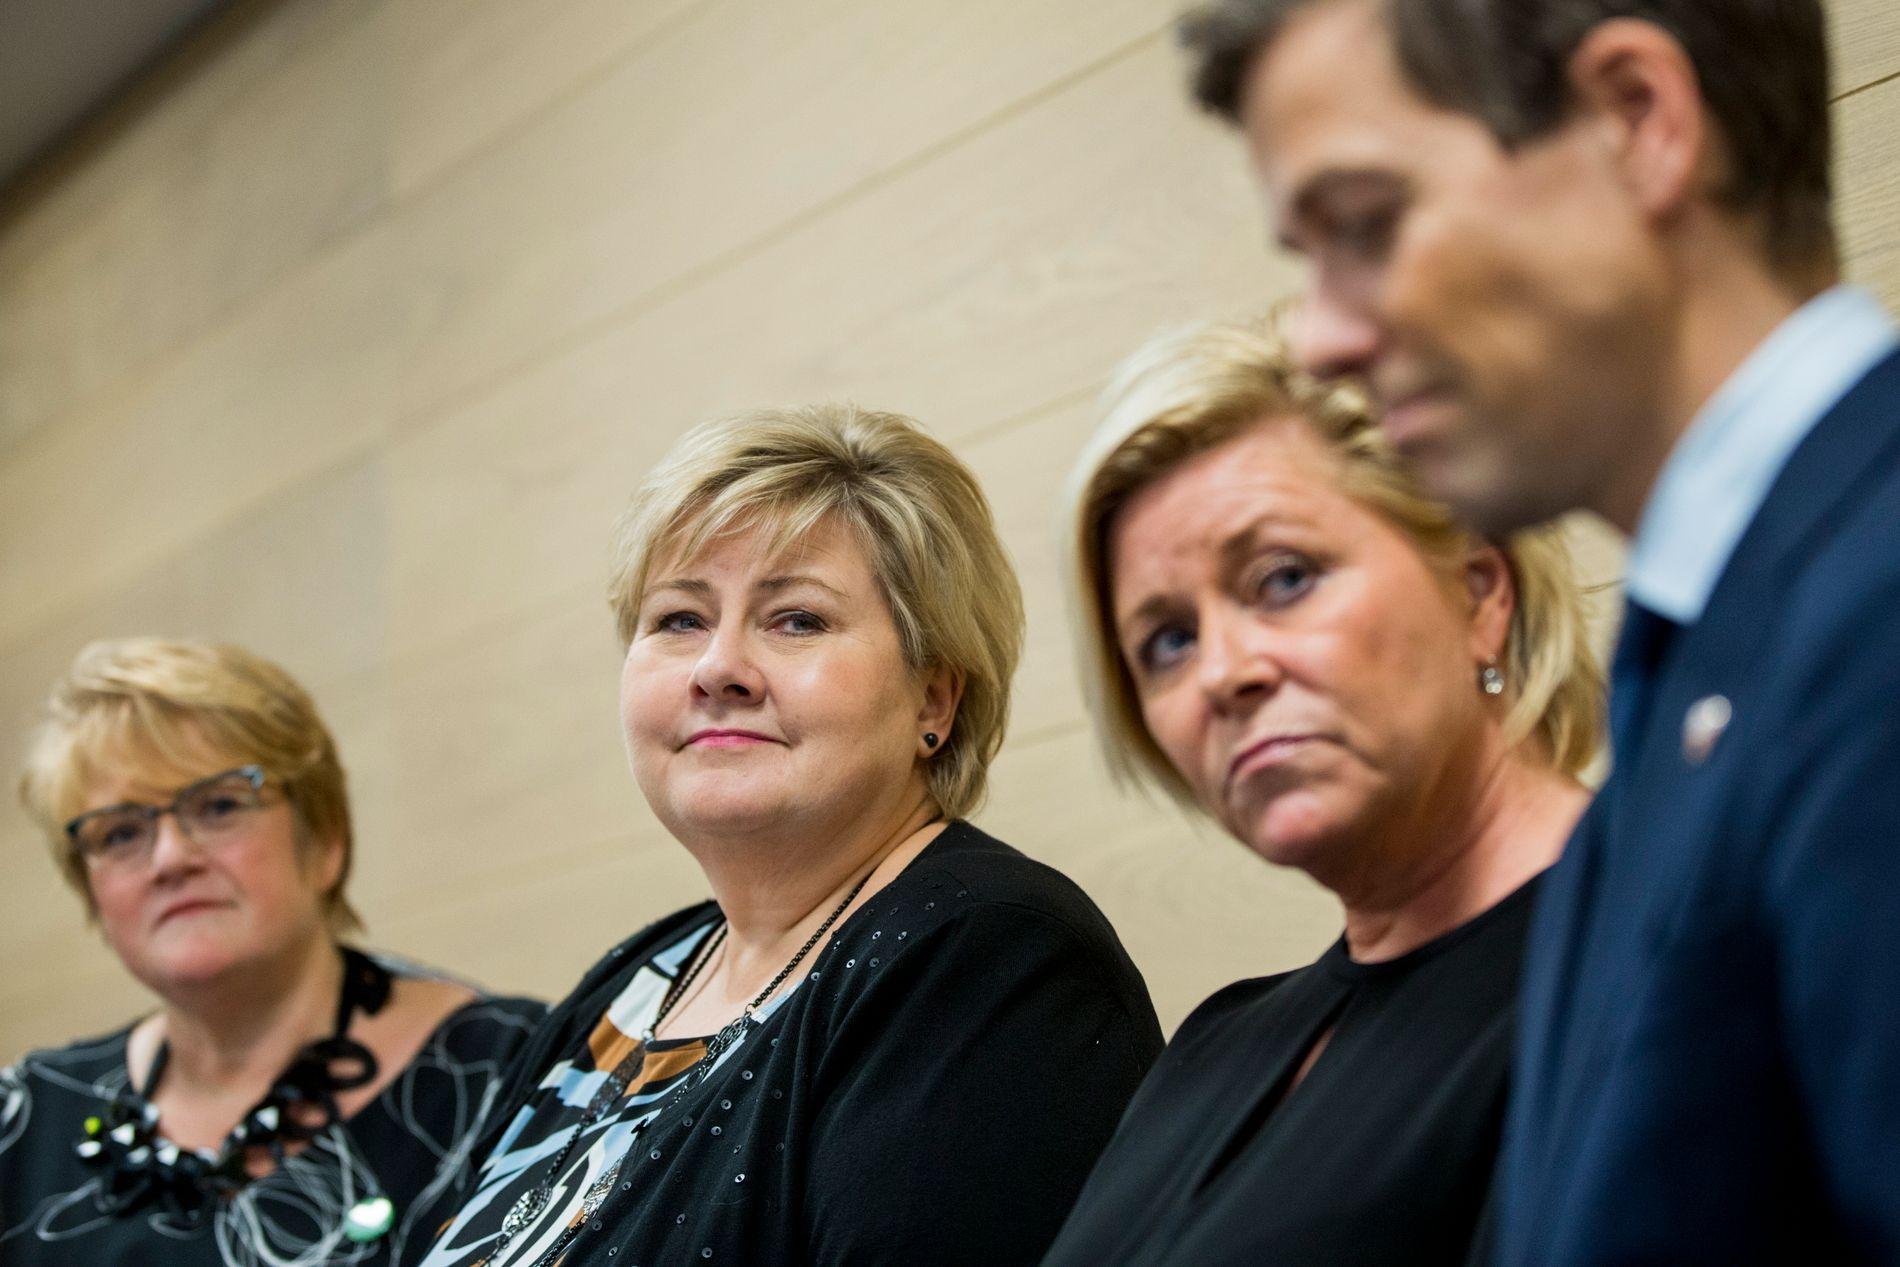 KOALISJONEN: Venstre-leder Trine Skei Grande, statsminister og Høyre-leder Erna Solberg, finansminister og Frp-leder Siv Jensen og KrF-leder Knut Arild Hareide.